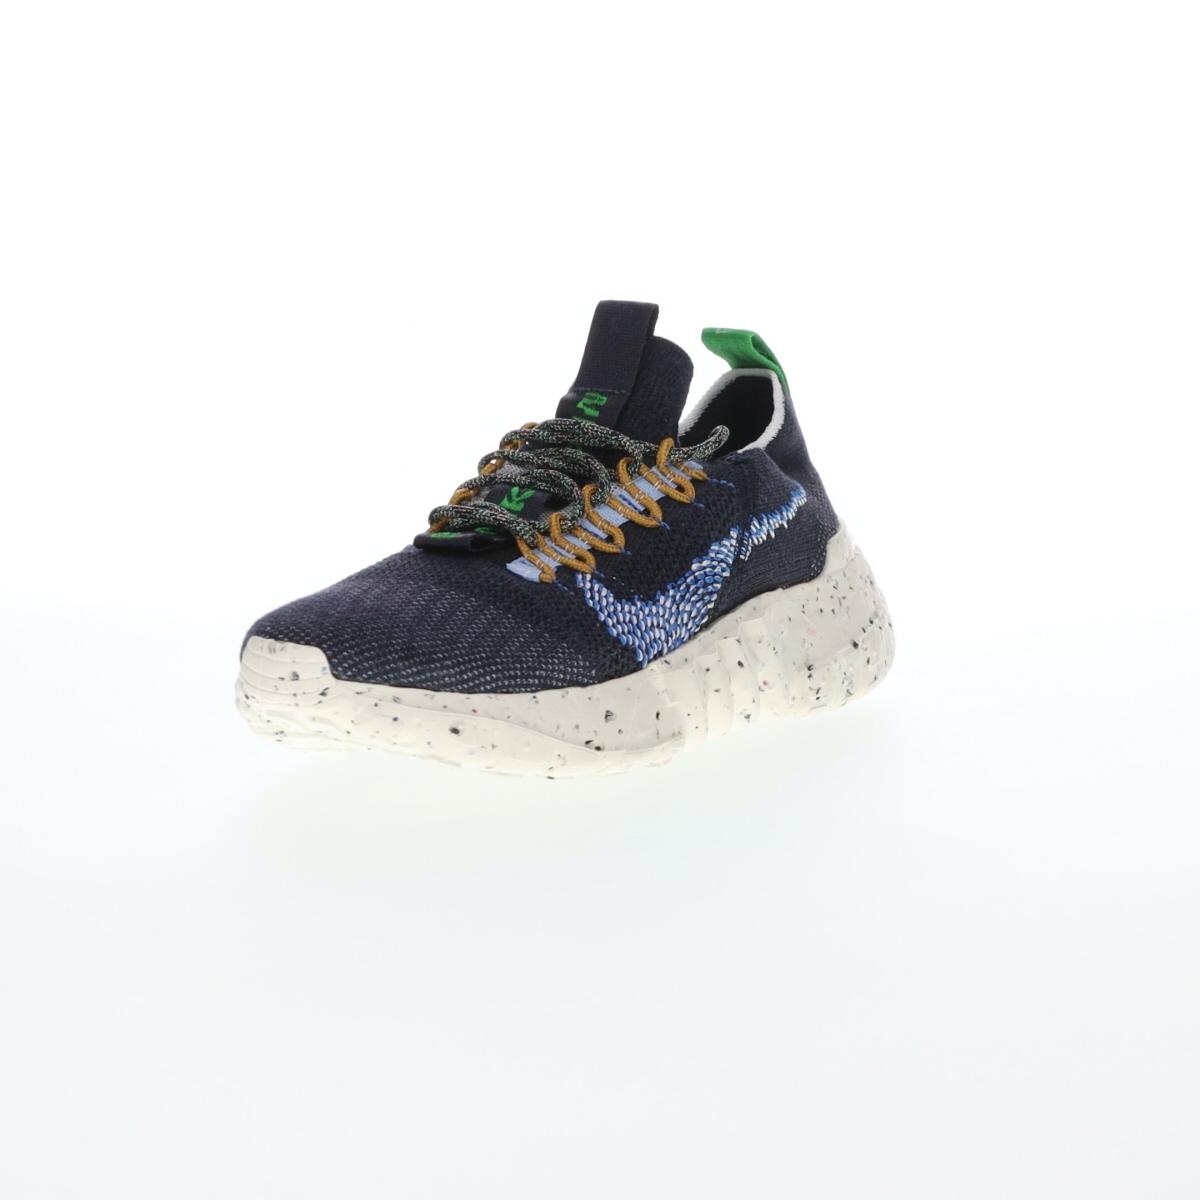 nike sb sneakers mcfetridge shoes sale women size